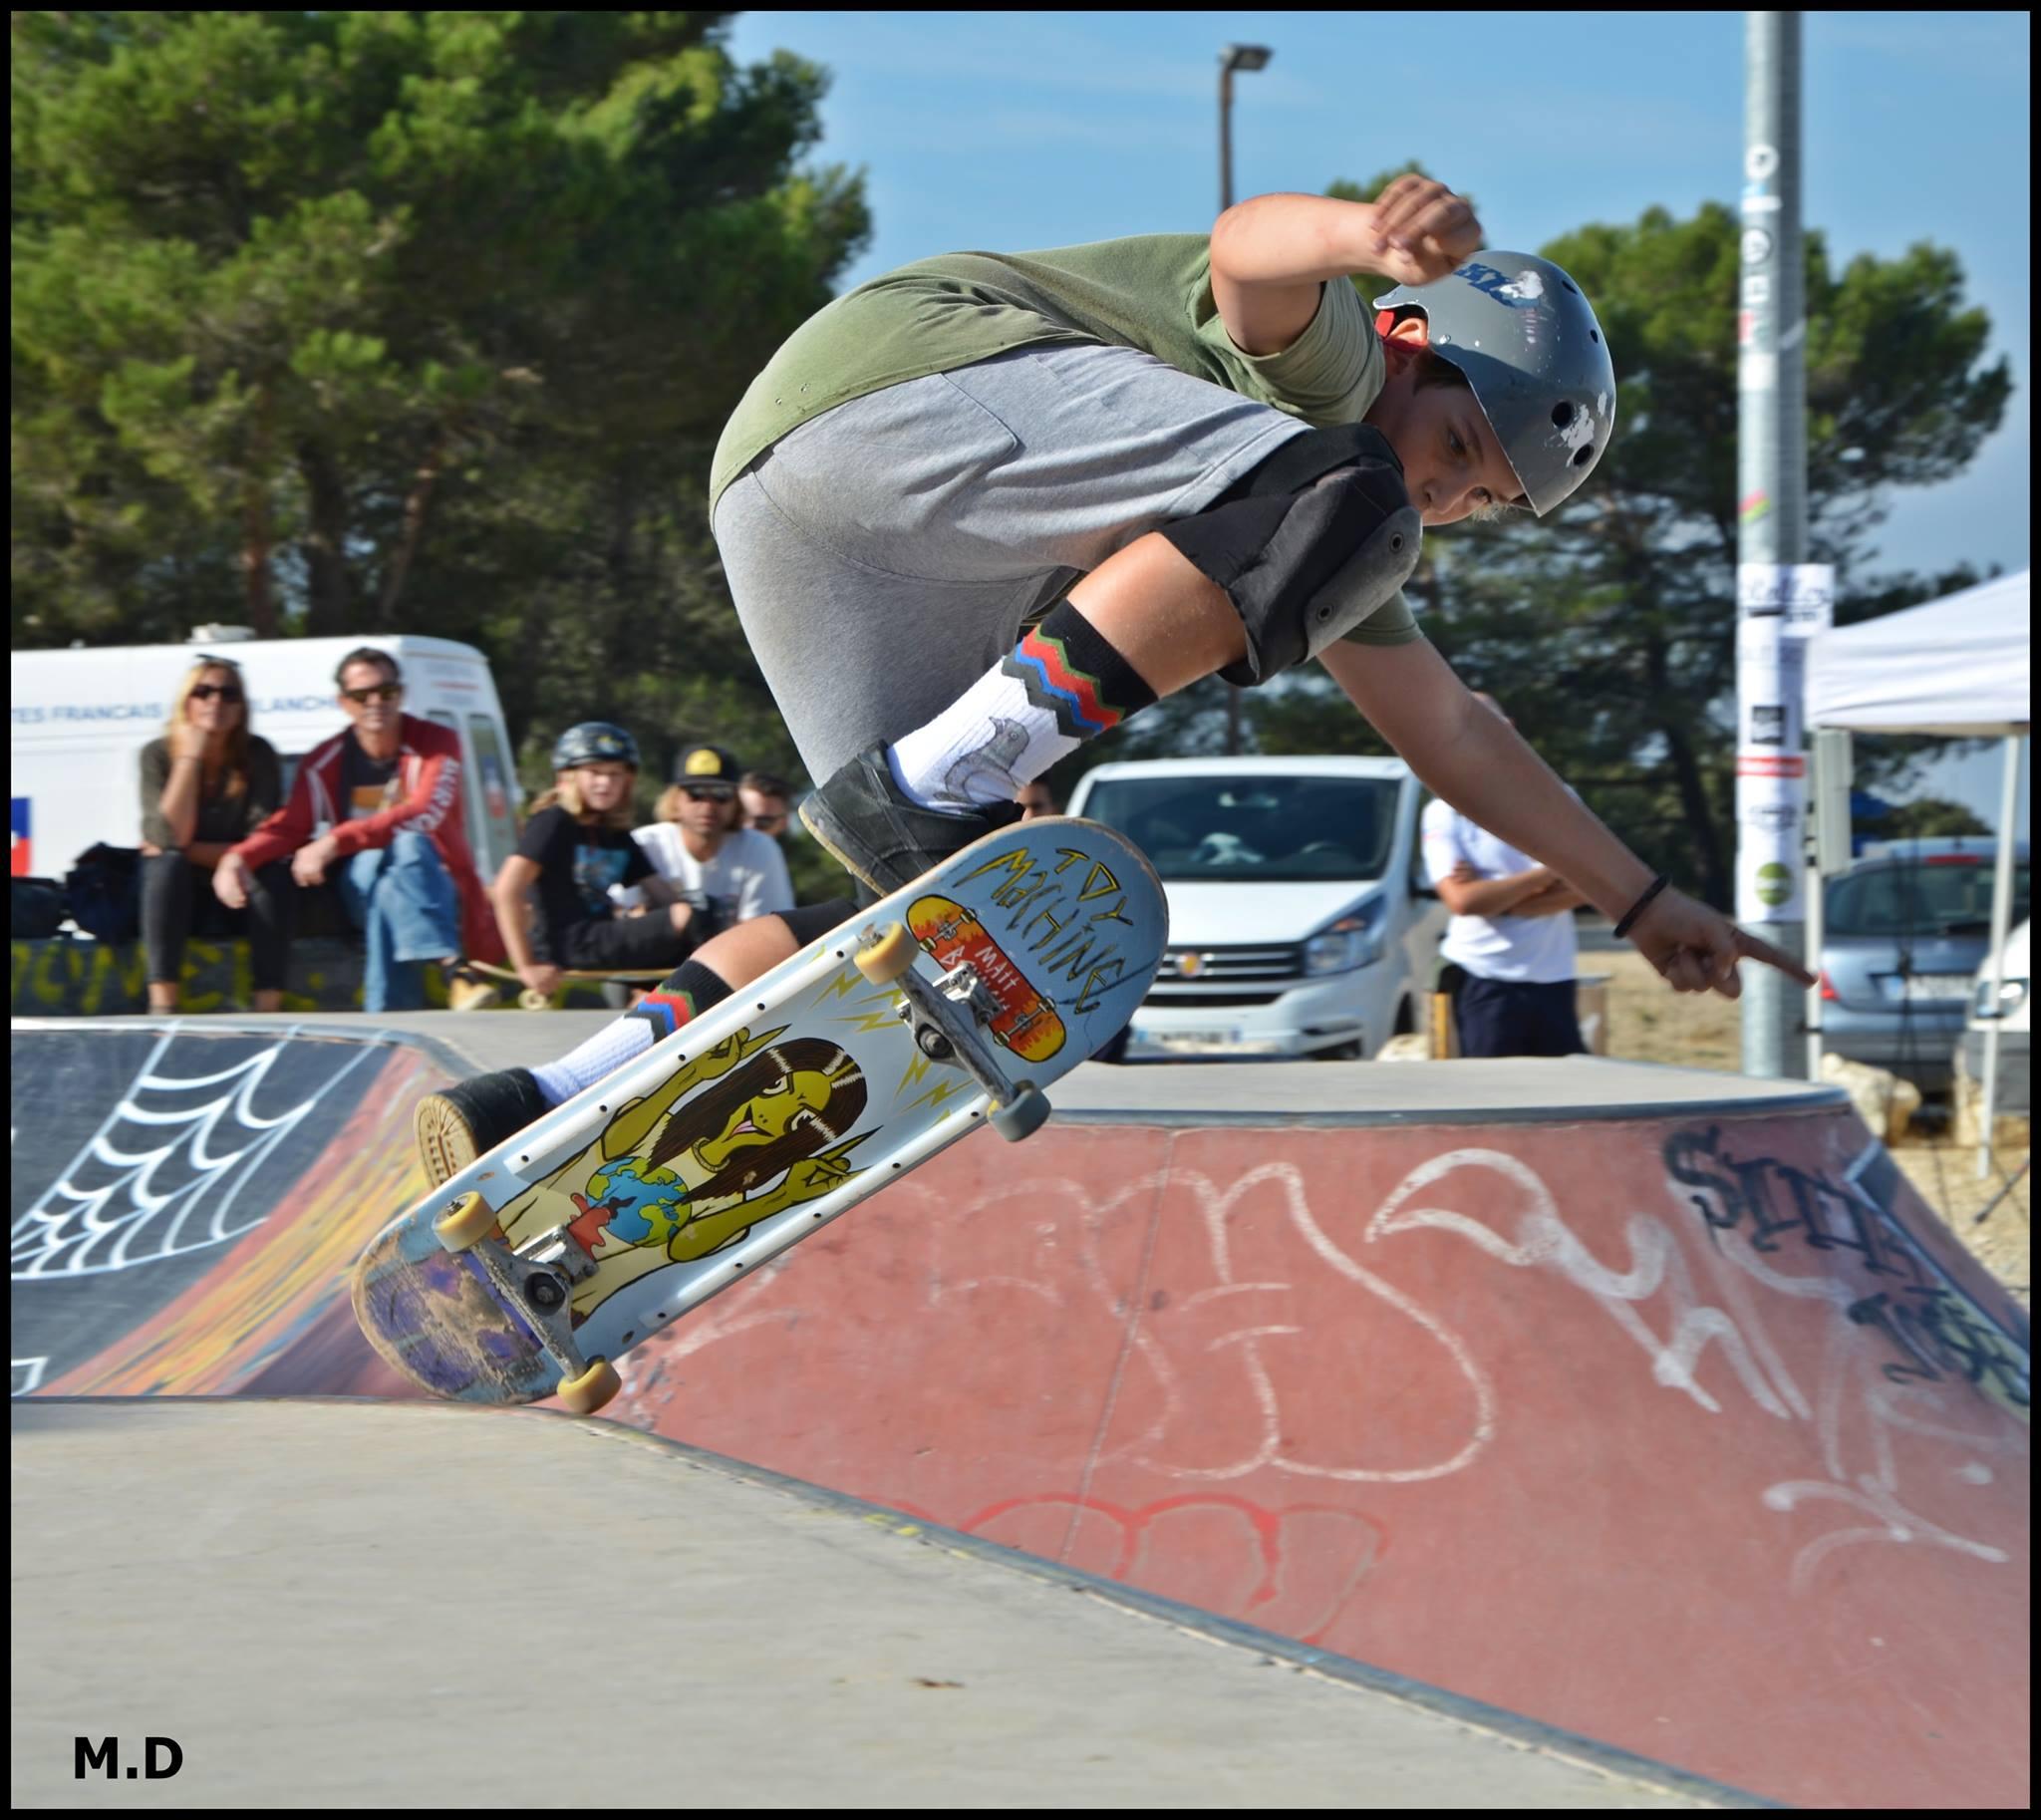 Photos d'un jeune garçon sur la rampe de skate en train de faire une figure